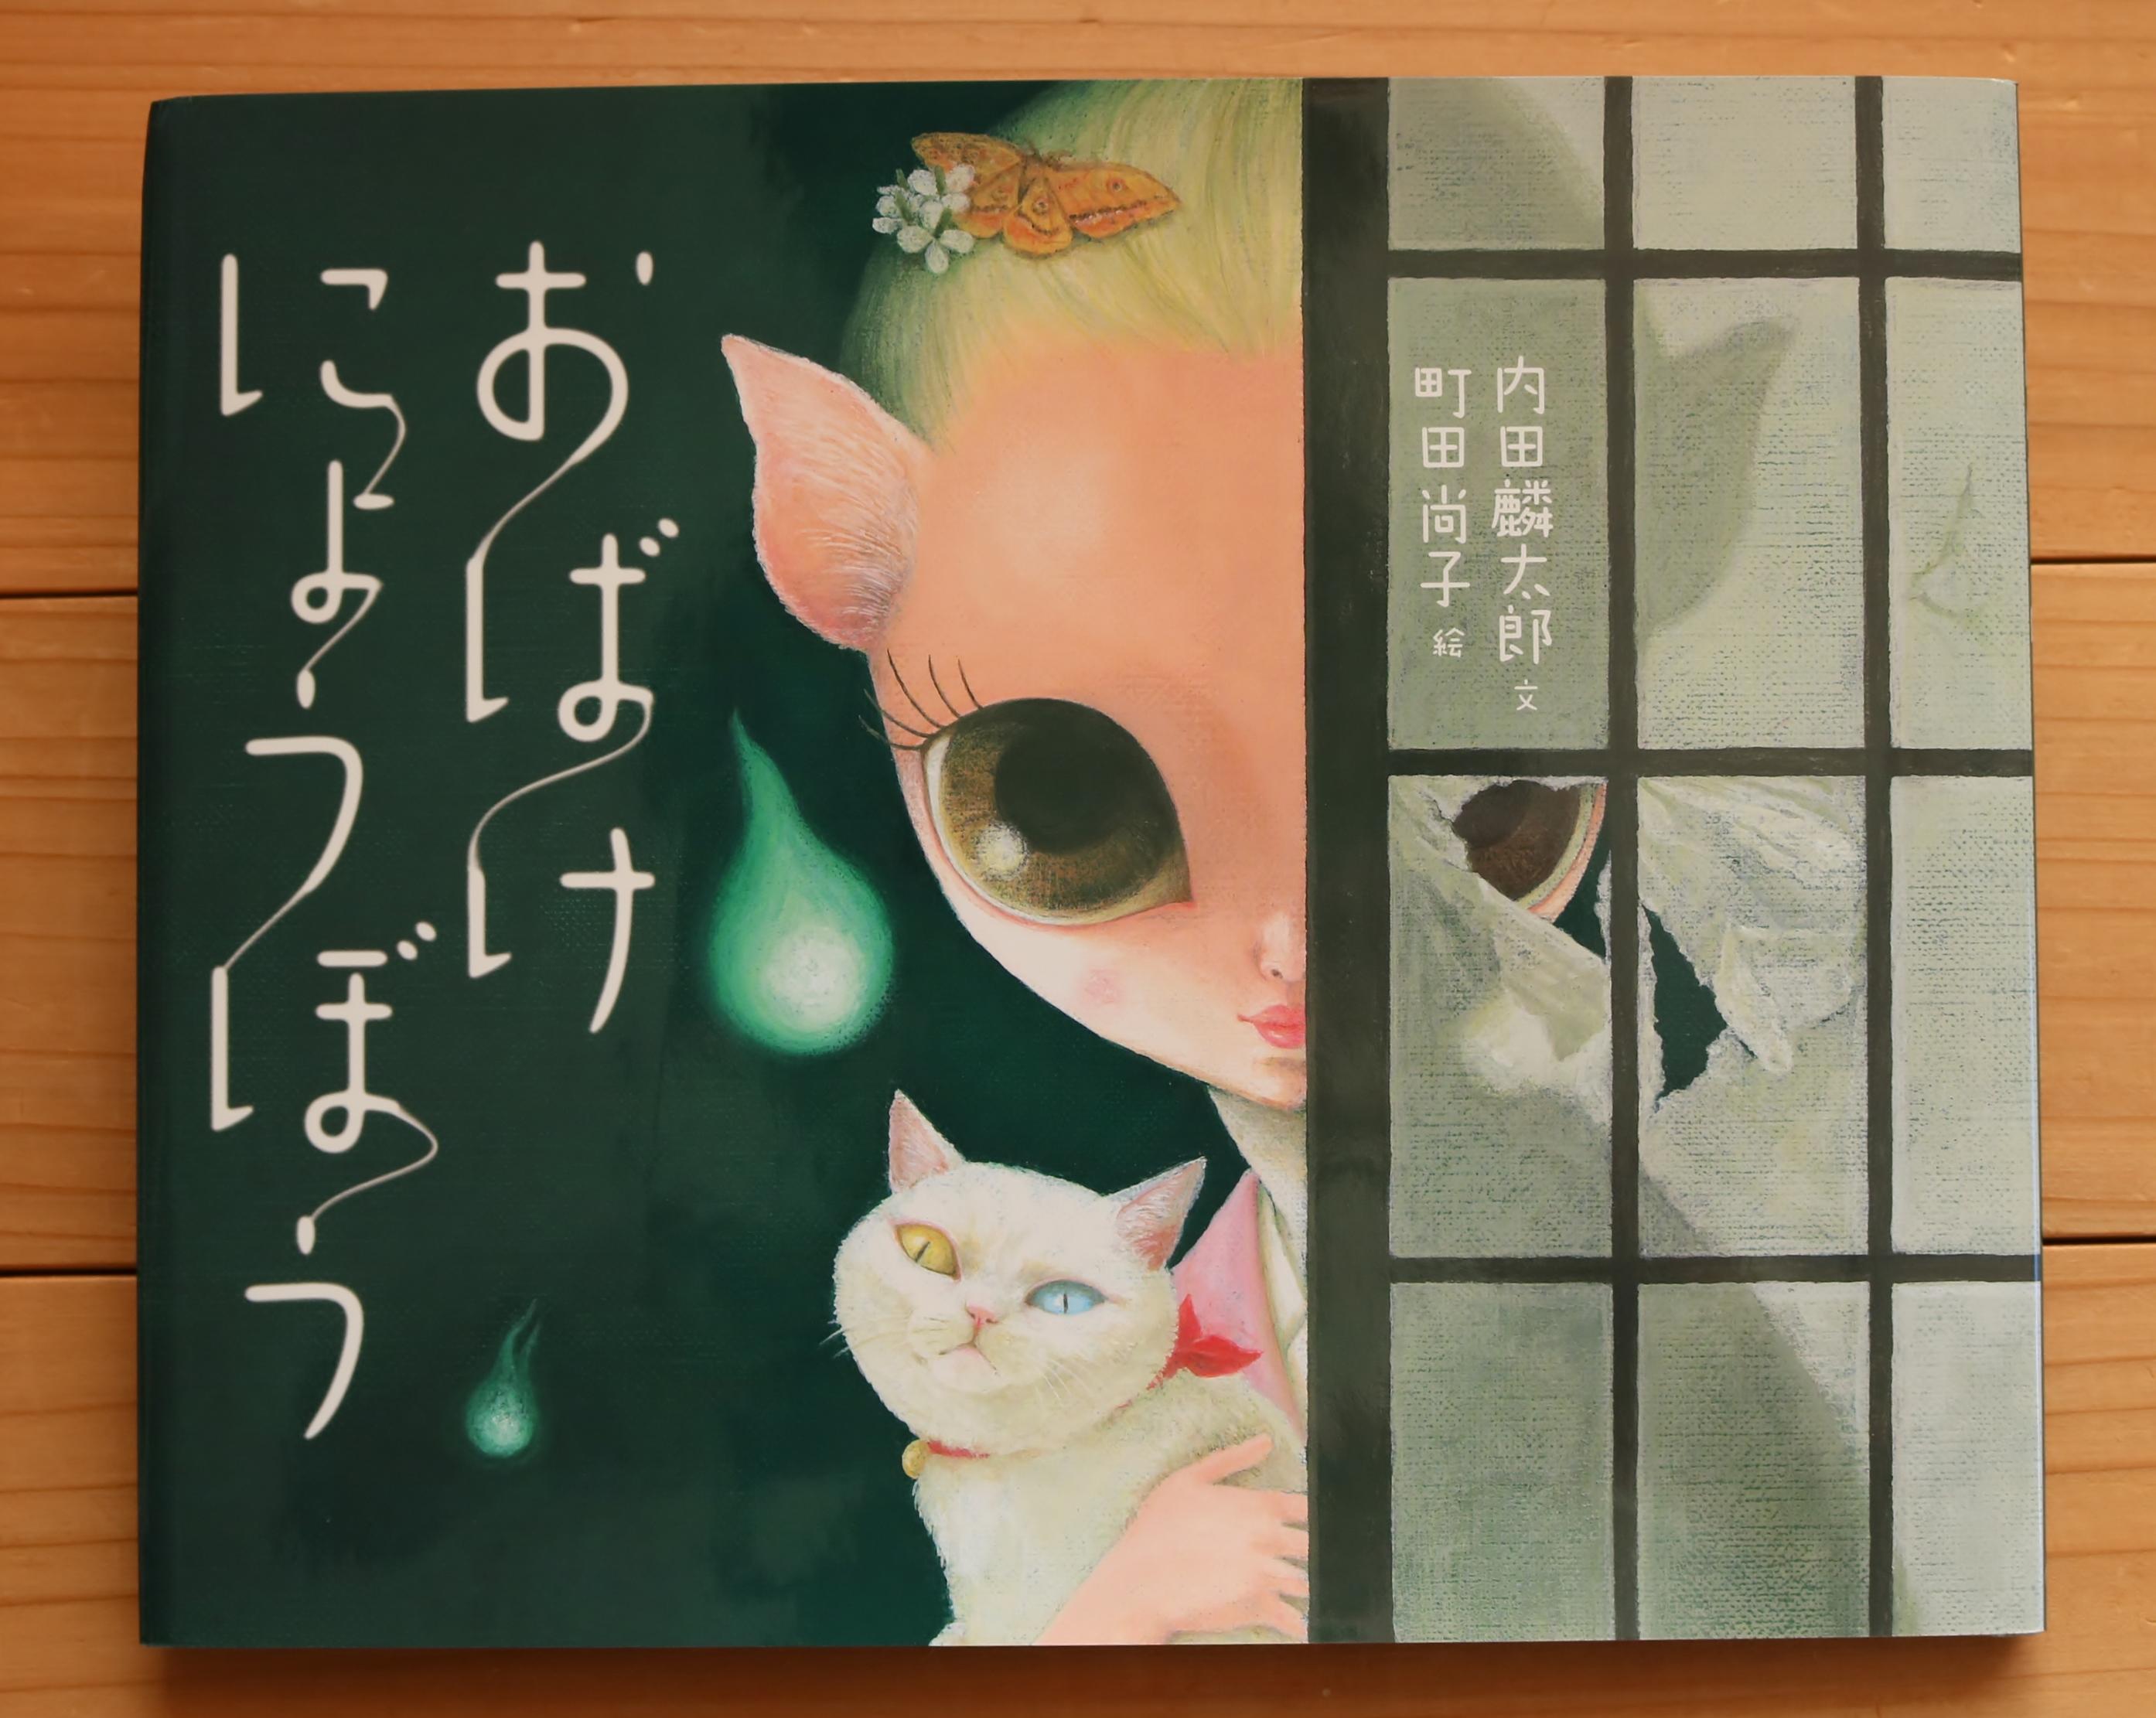 おばけにょうぼう 町田尚子 猫絵本 絵本 かぎしっぽ 秋田